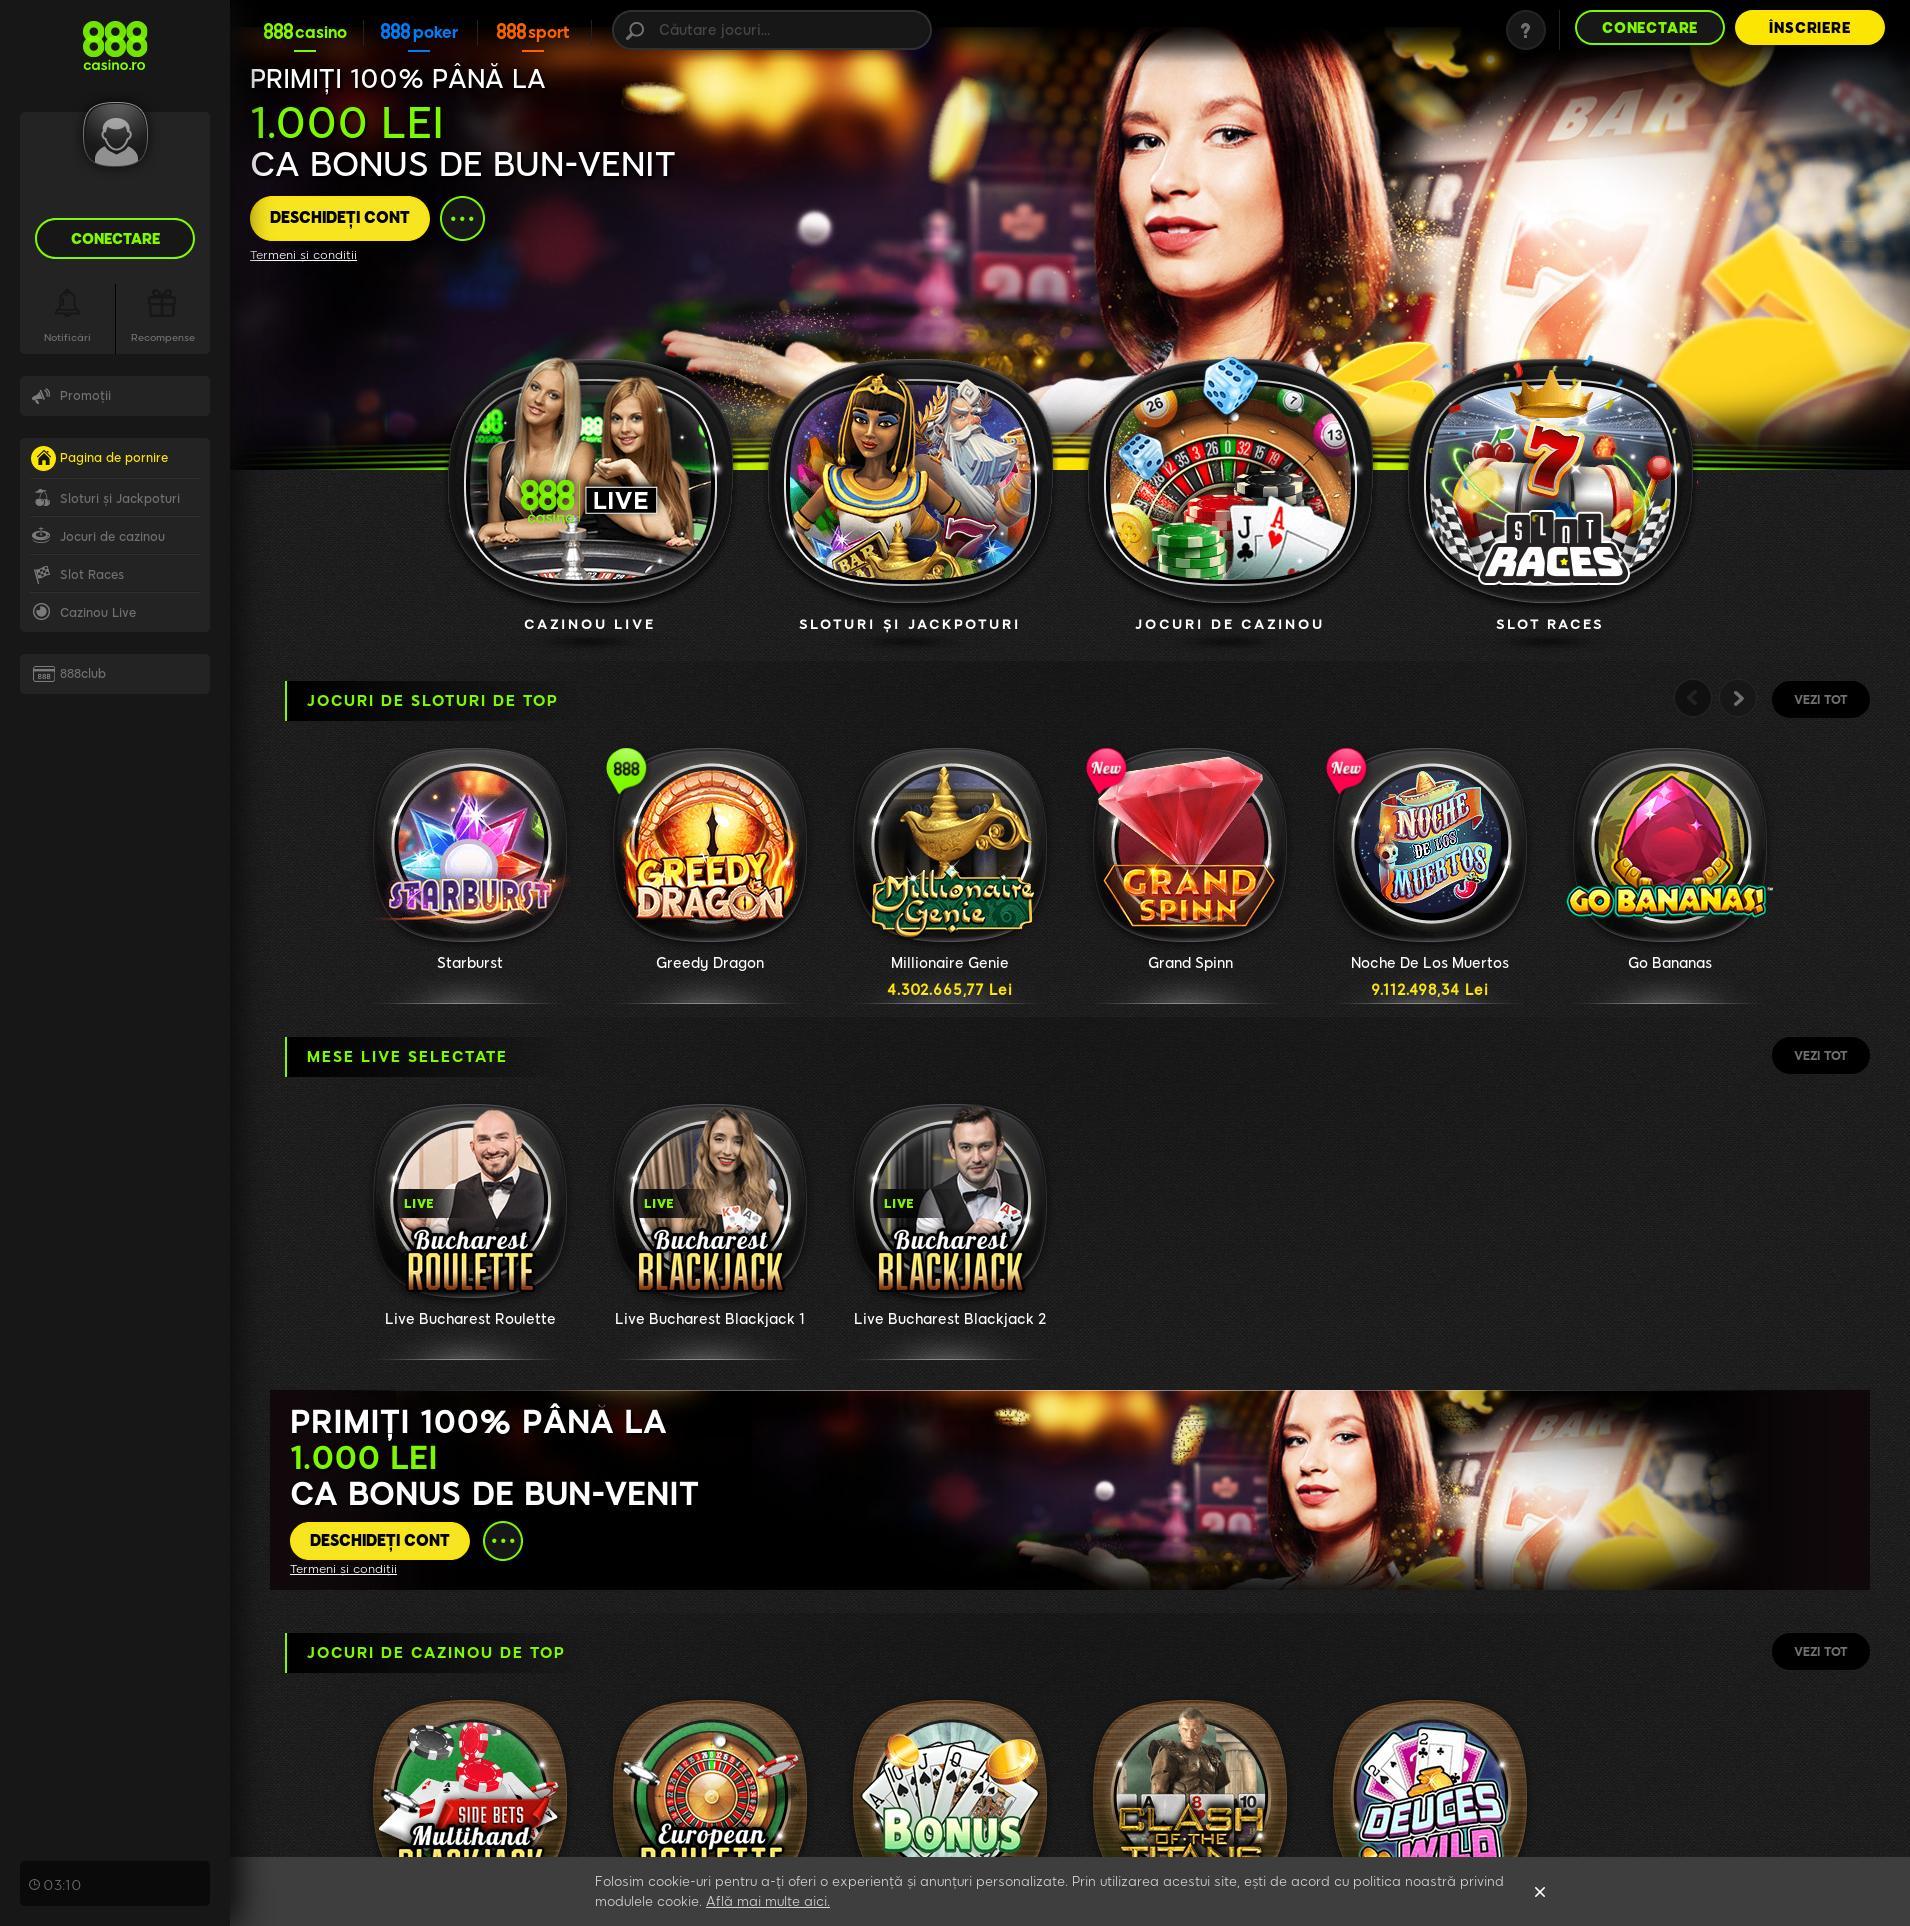 カジノのスクリーン Lobby 2019-11-17 ために ルーマニア